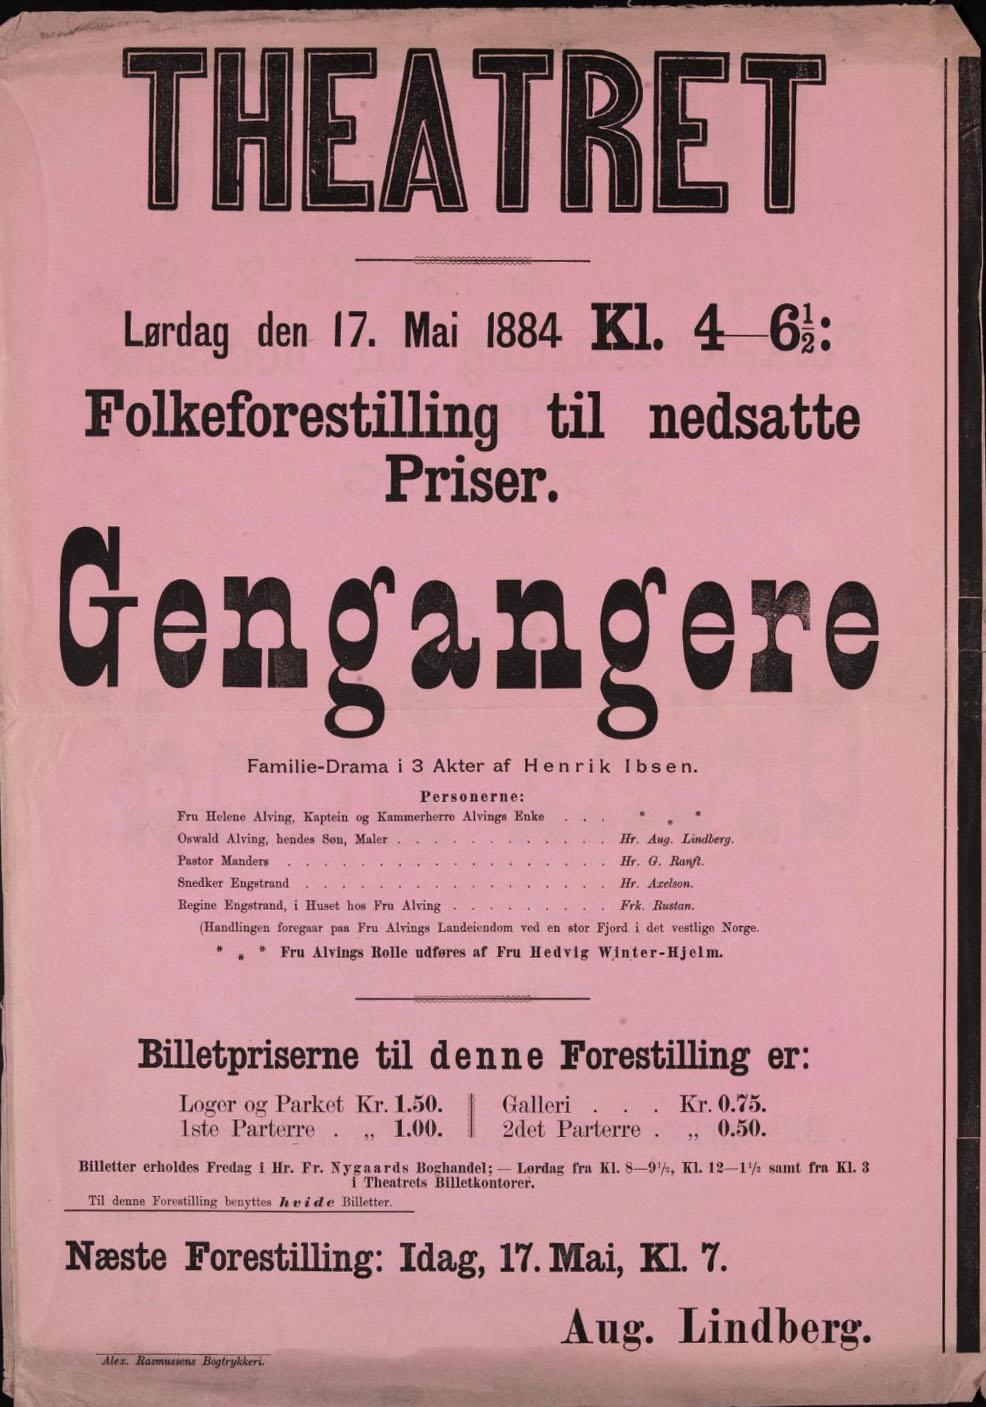 Rosa teaterplakat med mye svart tekst: Theatret - Gengangere - Lørdag den 17. mai 1884 - Folkeforestilling til nedsatte Priser.